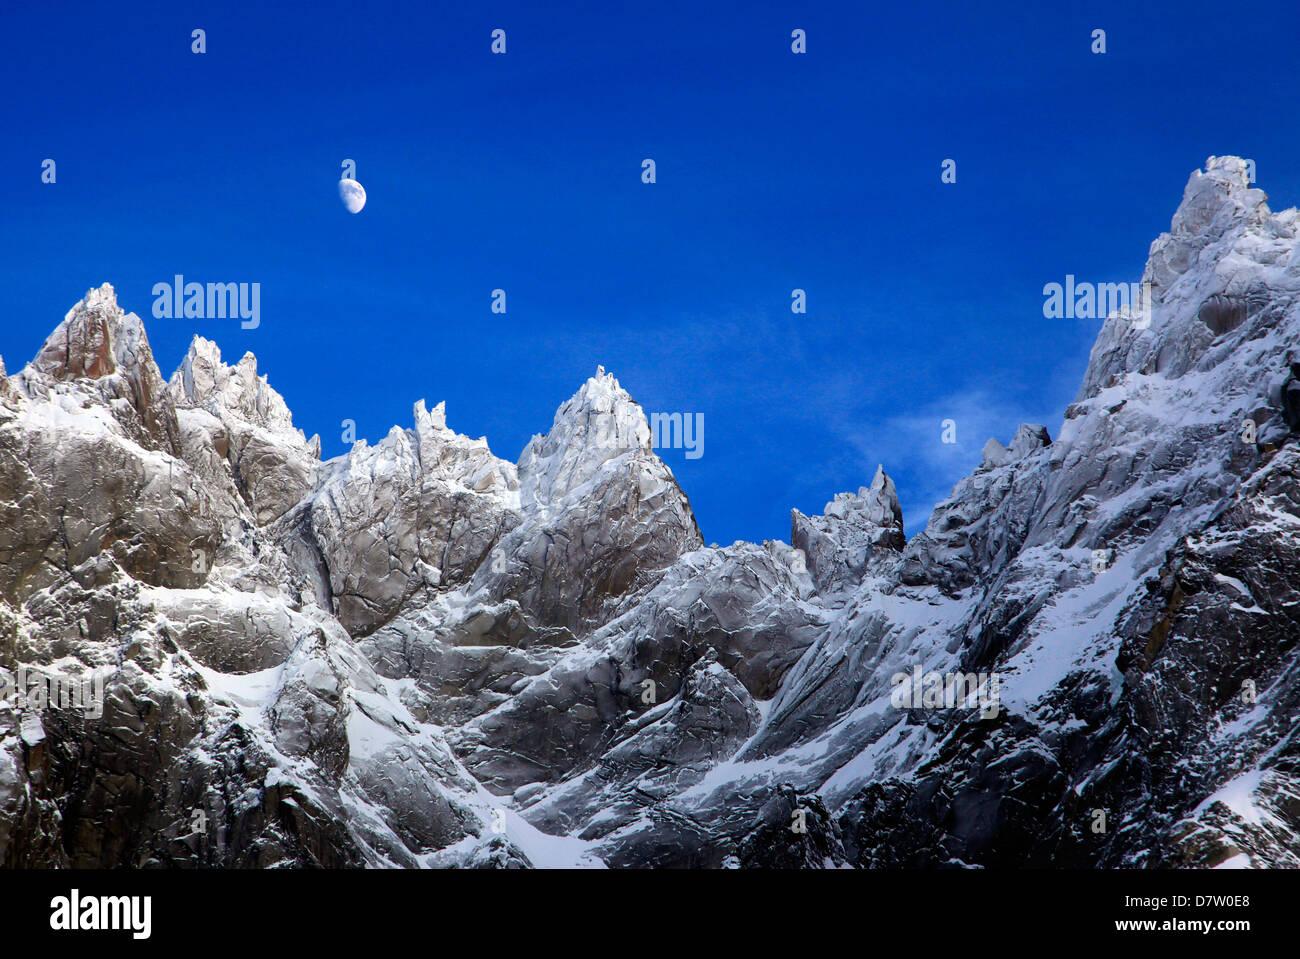 L'Aiguille du Midi dopo tre giorni di nevicata, Mont Blanc, sulle Alpi francesi, Francia Immagini Stock